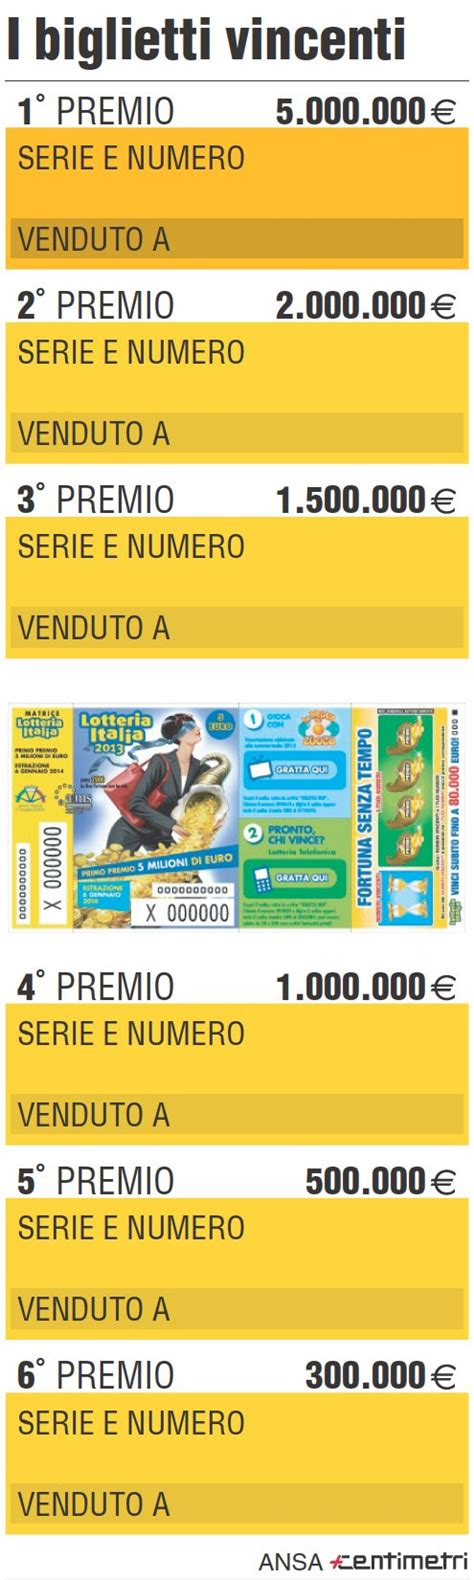 lotteria italia 2014 premi di consolazione biglietti lotteria italia premi consolazione